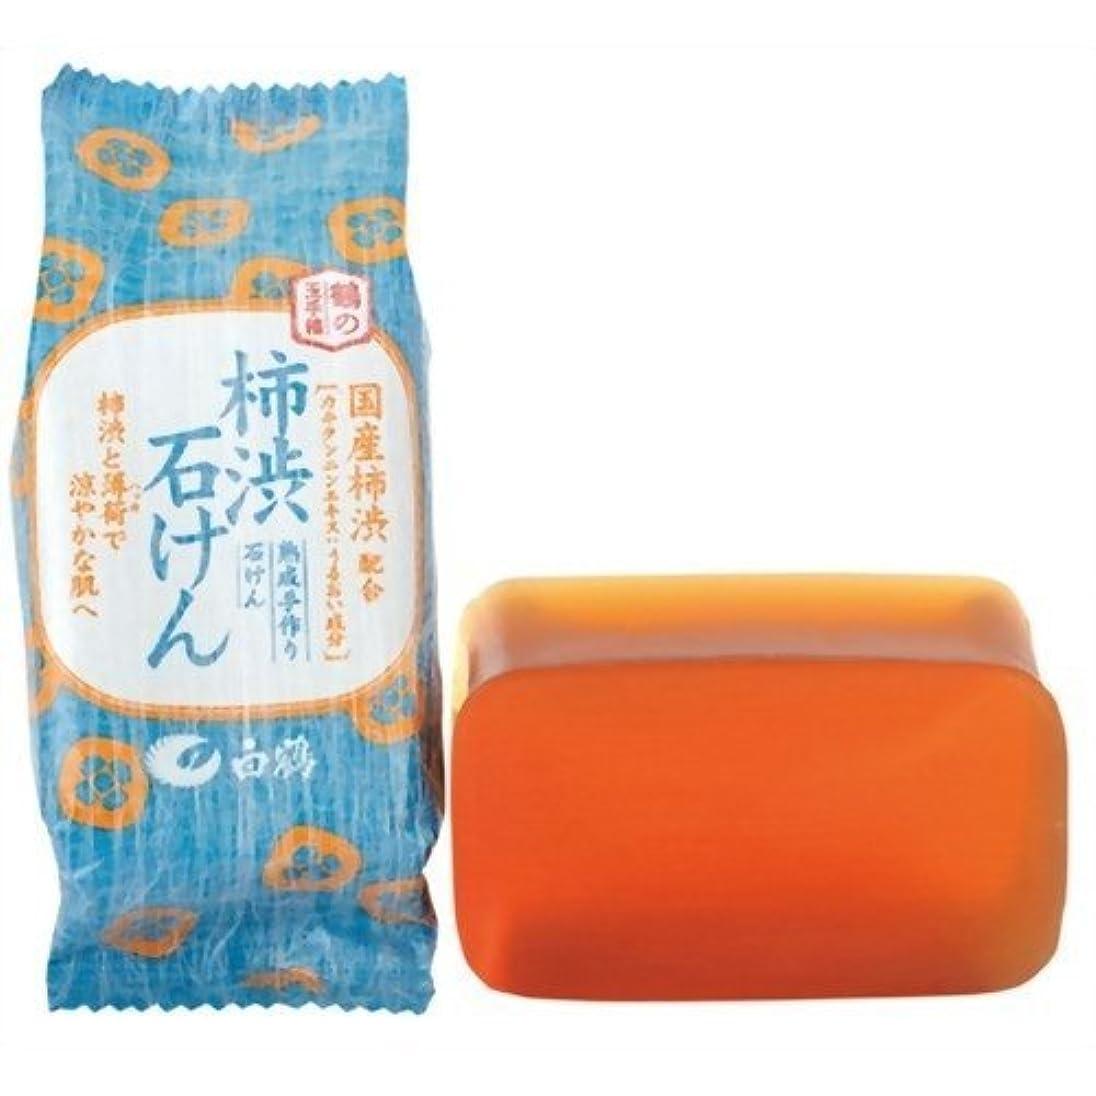 逃げるカウントアップコカイン白鶴 鶴の玉手箱 薬用 柿渋石けん 110g × 5個